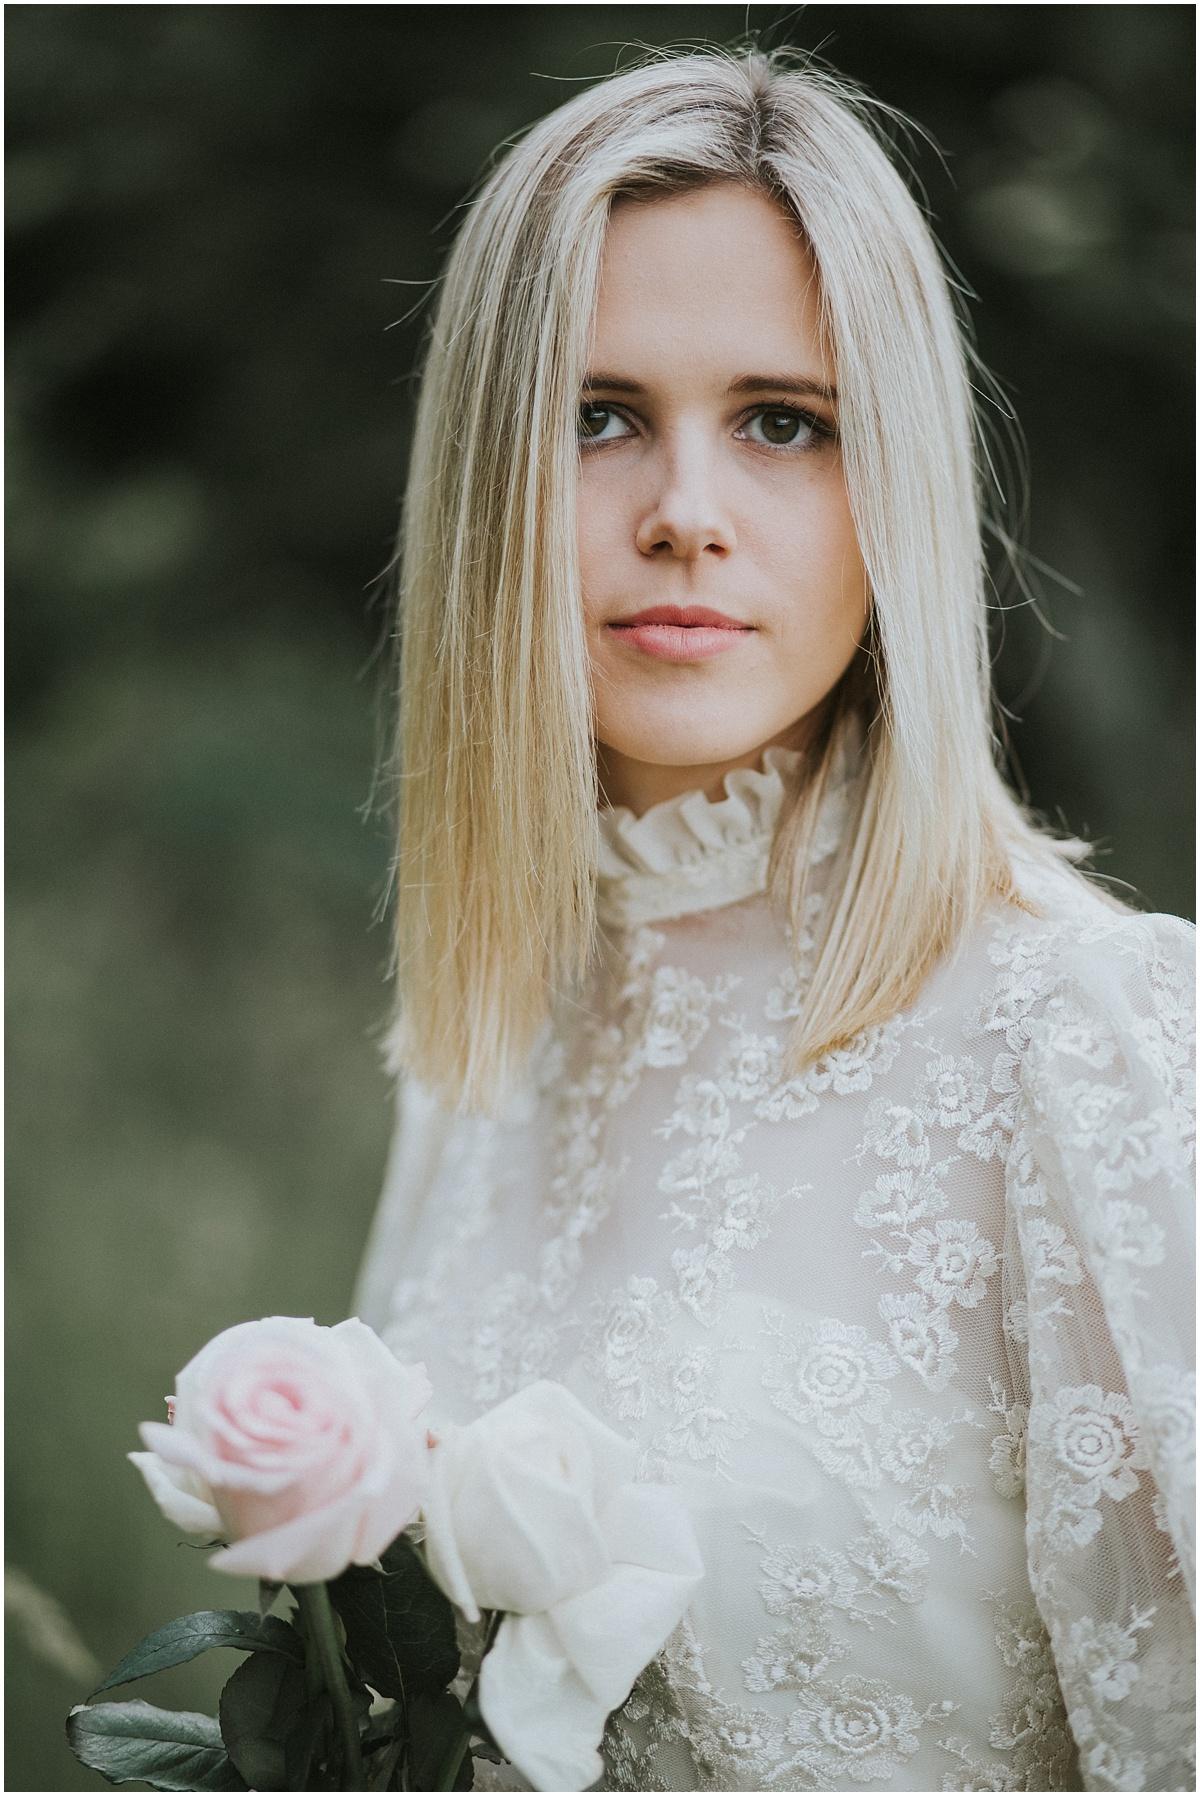 Wedding-Bride-Portrait-Photography-Blenheim-NZ